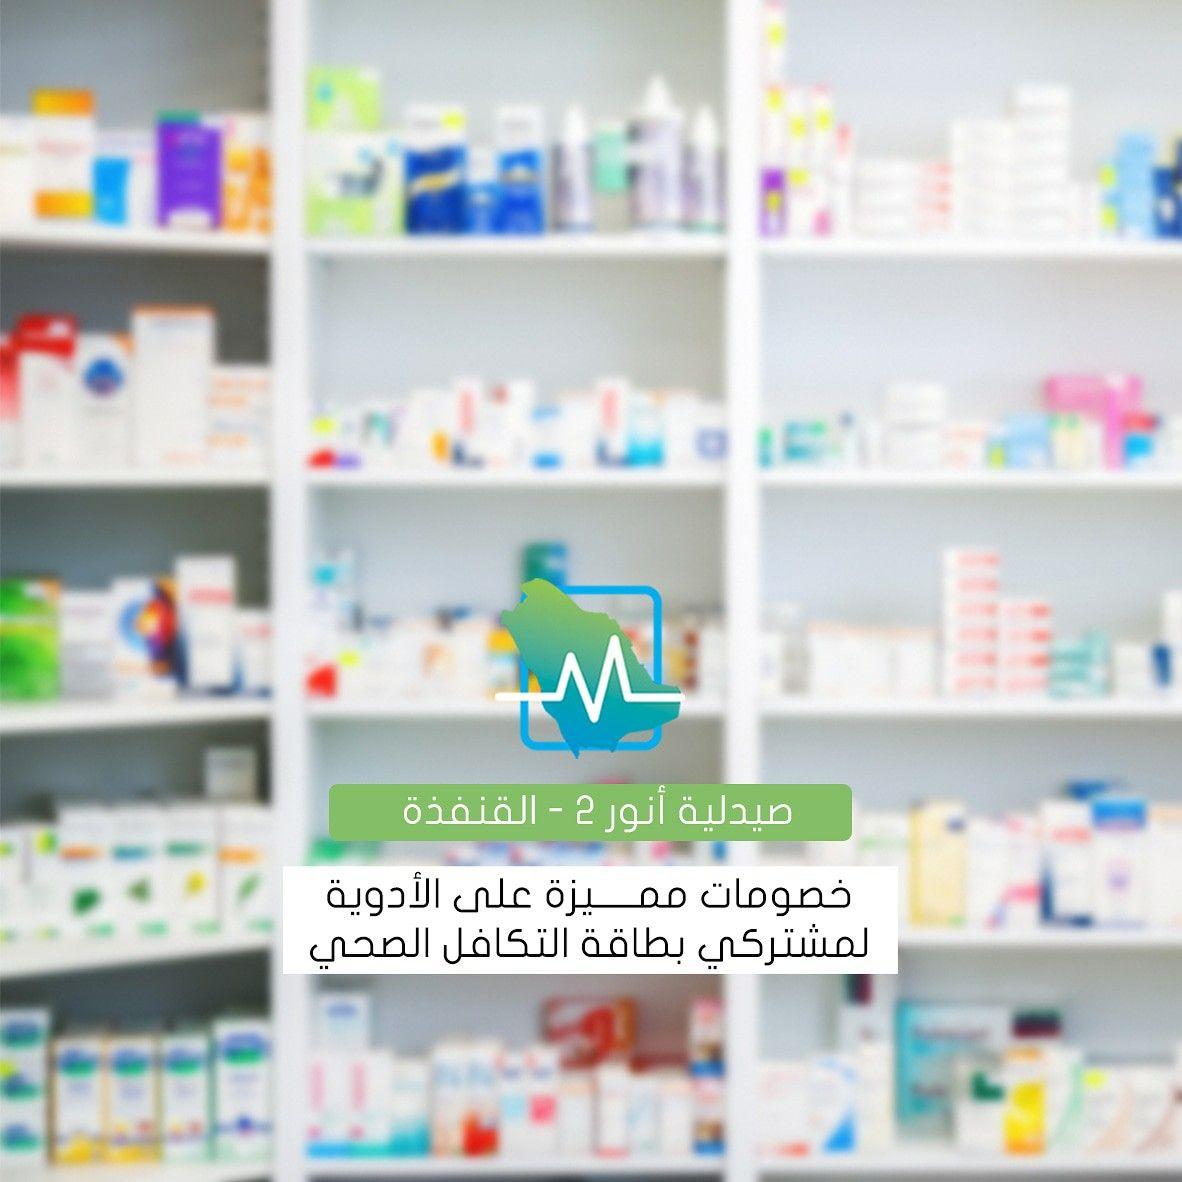 خصومات مميزة في صيدلية أنور 2 القنفذة على بطاقة التكافل الصحي الأدوية 7 التجميل 10 أدوية دواء تجميل بشرة Home Decor Health Insurance Decor